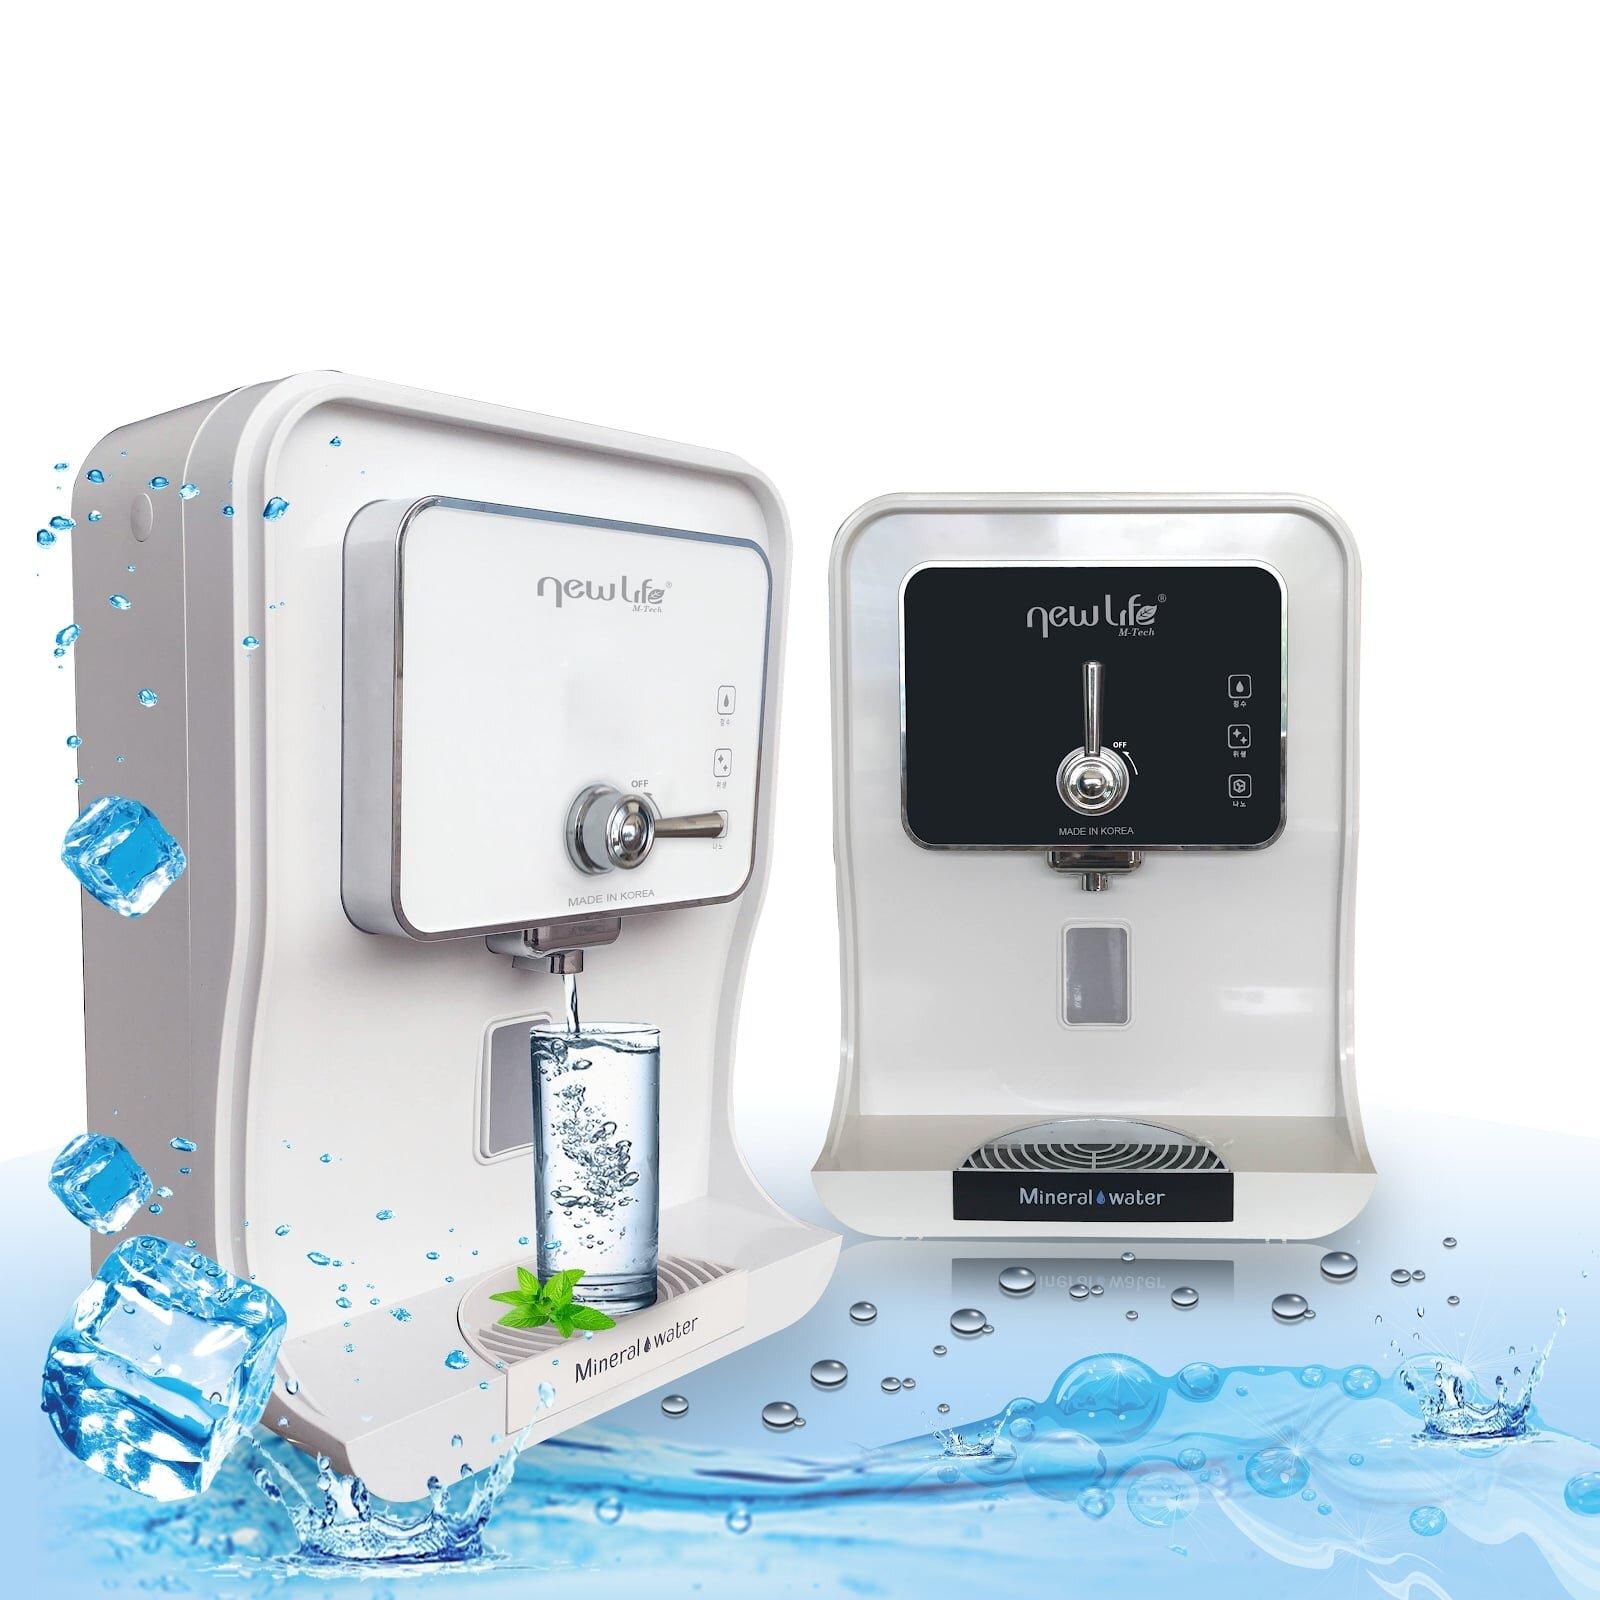 Máy lọc nước Newlife sử dụng công nghệ màng lọc UF